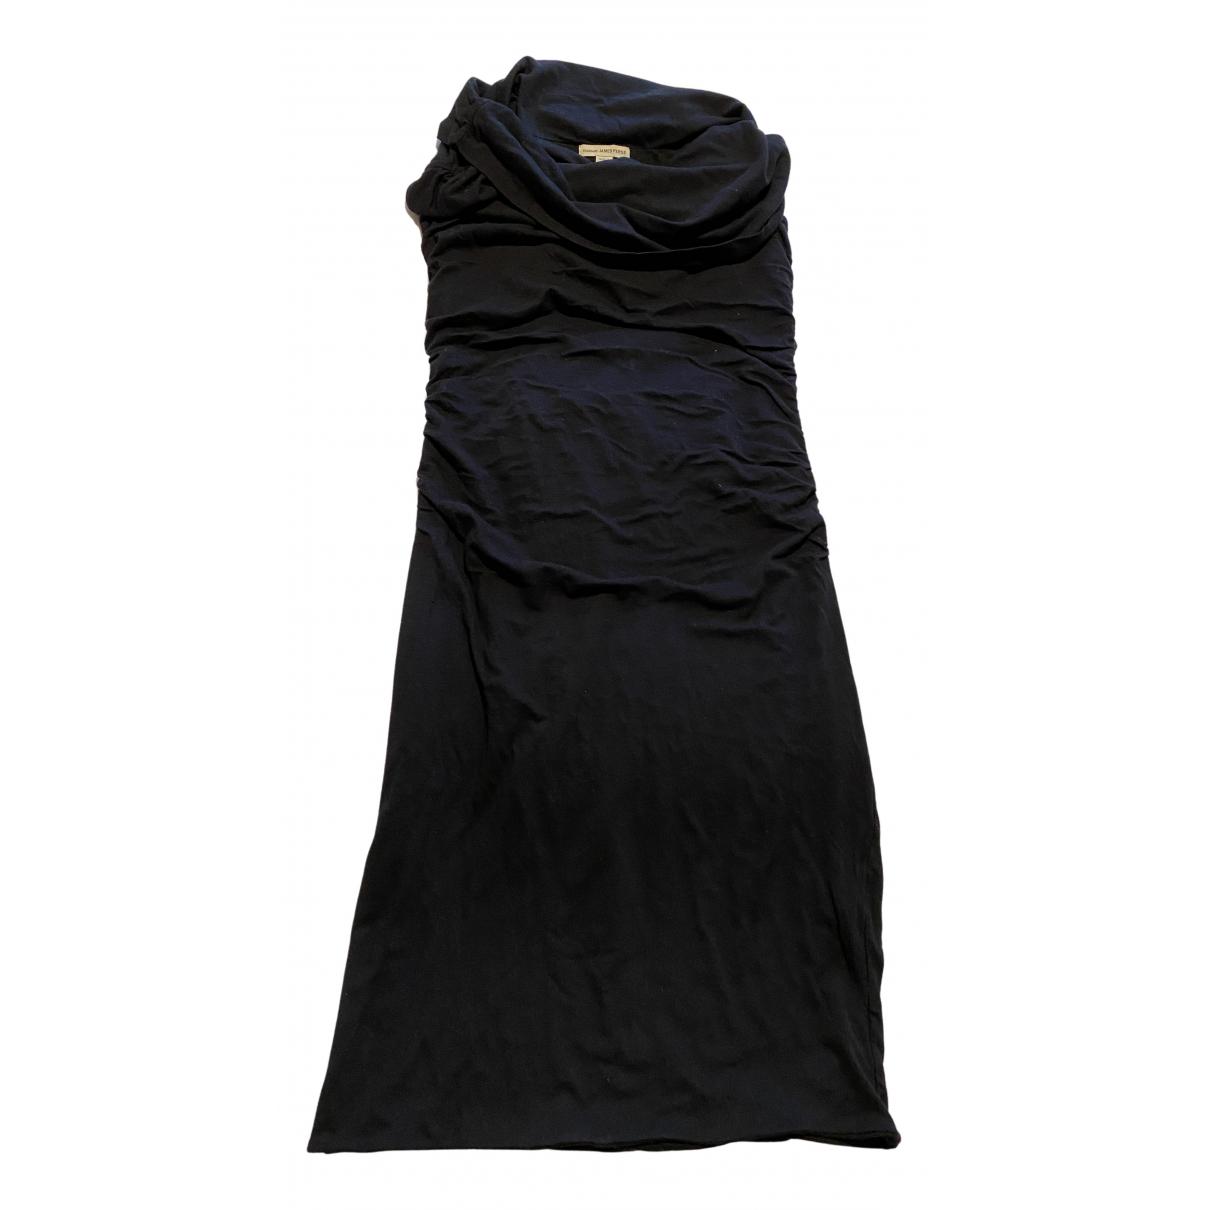 James Perse \N Kleid in  Schwarz Baumwolle - Elasthan